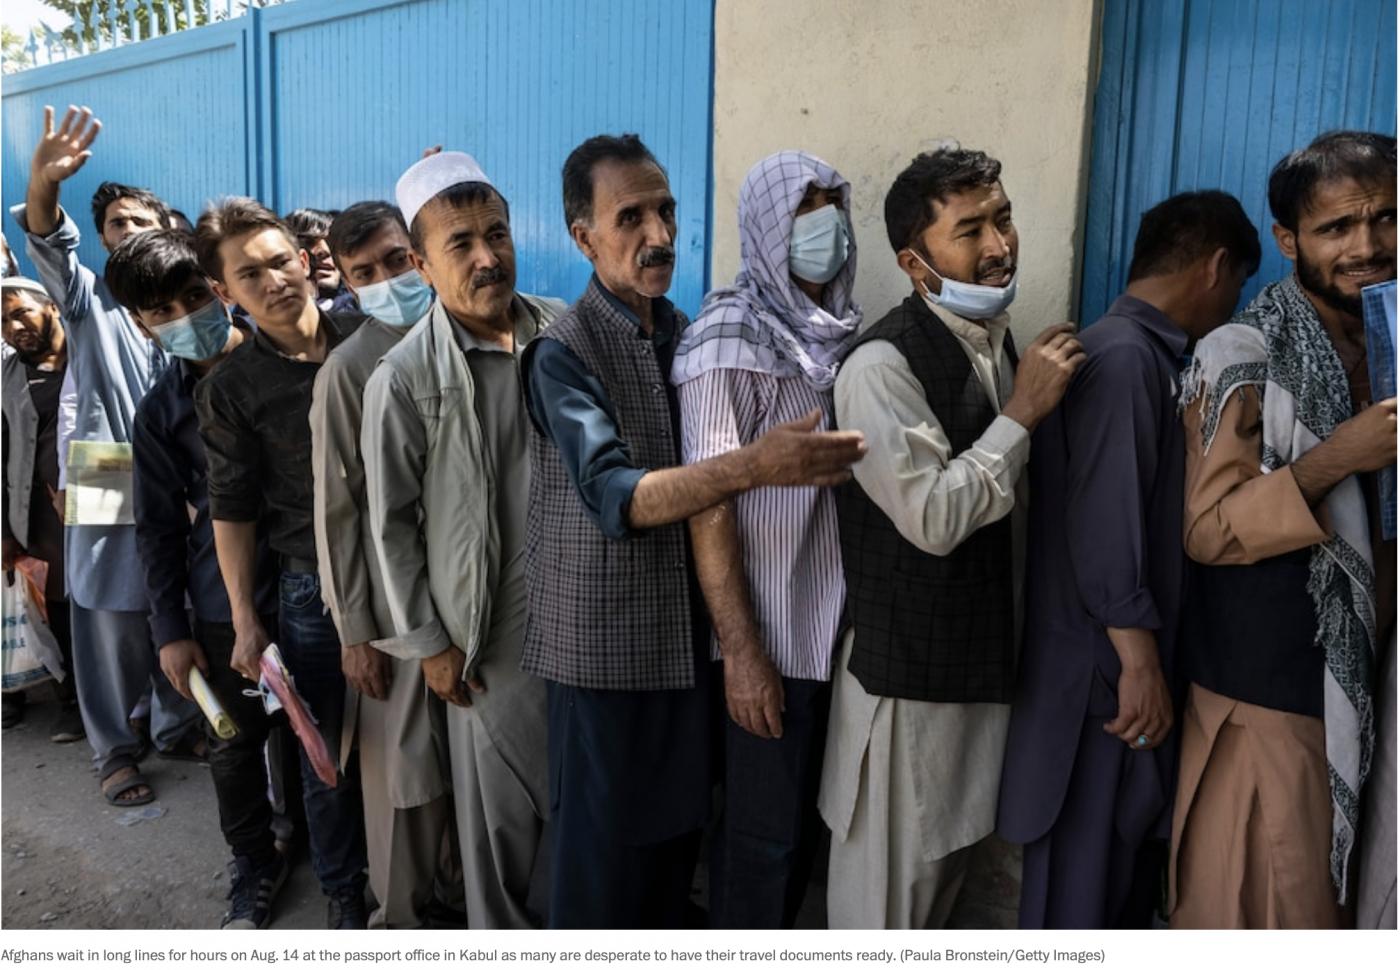 阿富汗的崩溃使美国可信度受到质疑_图1-2